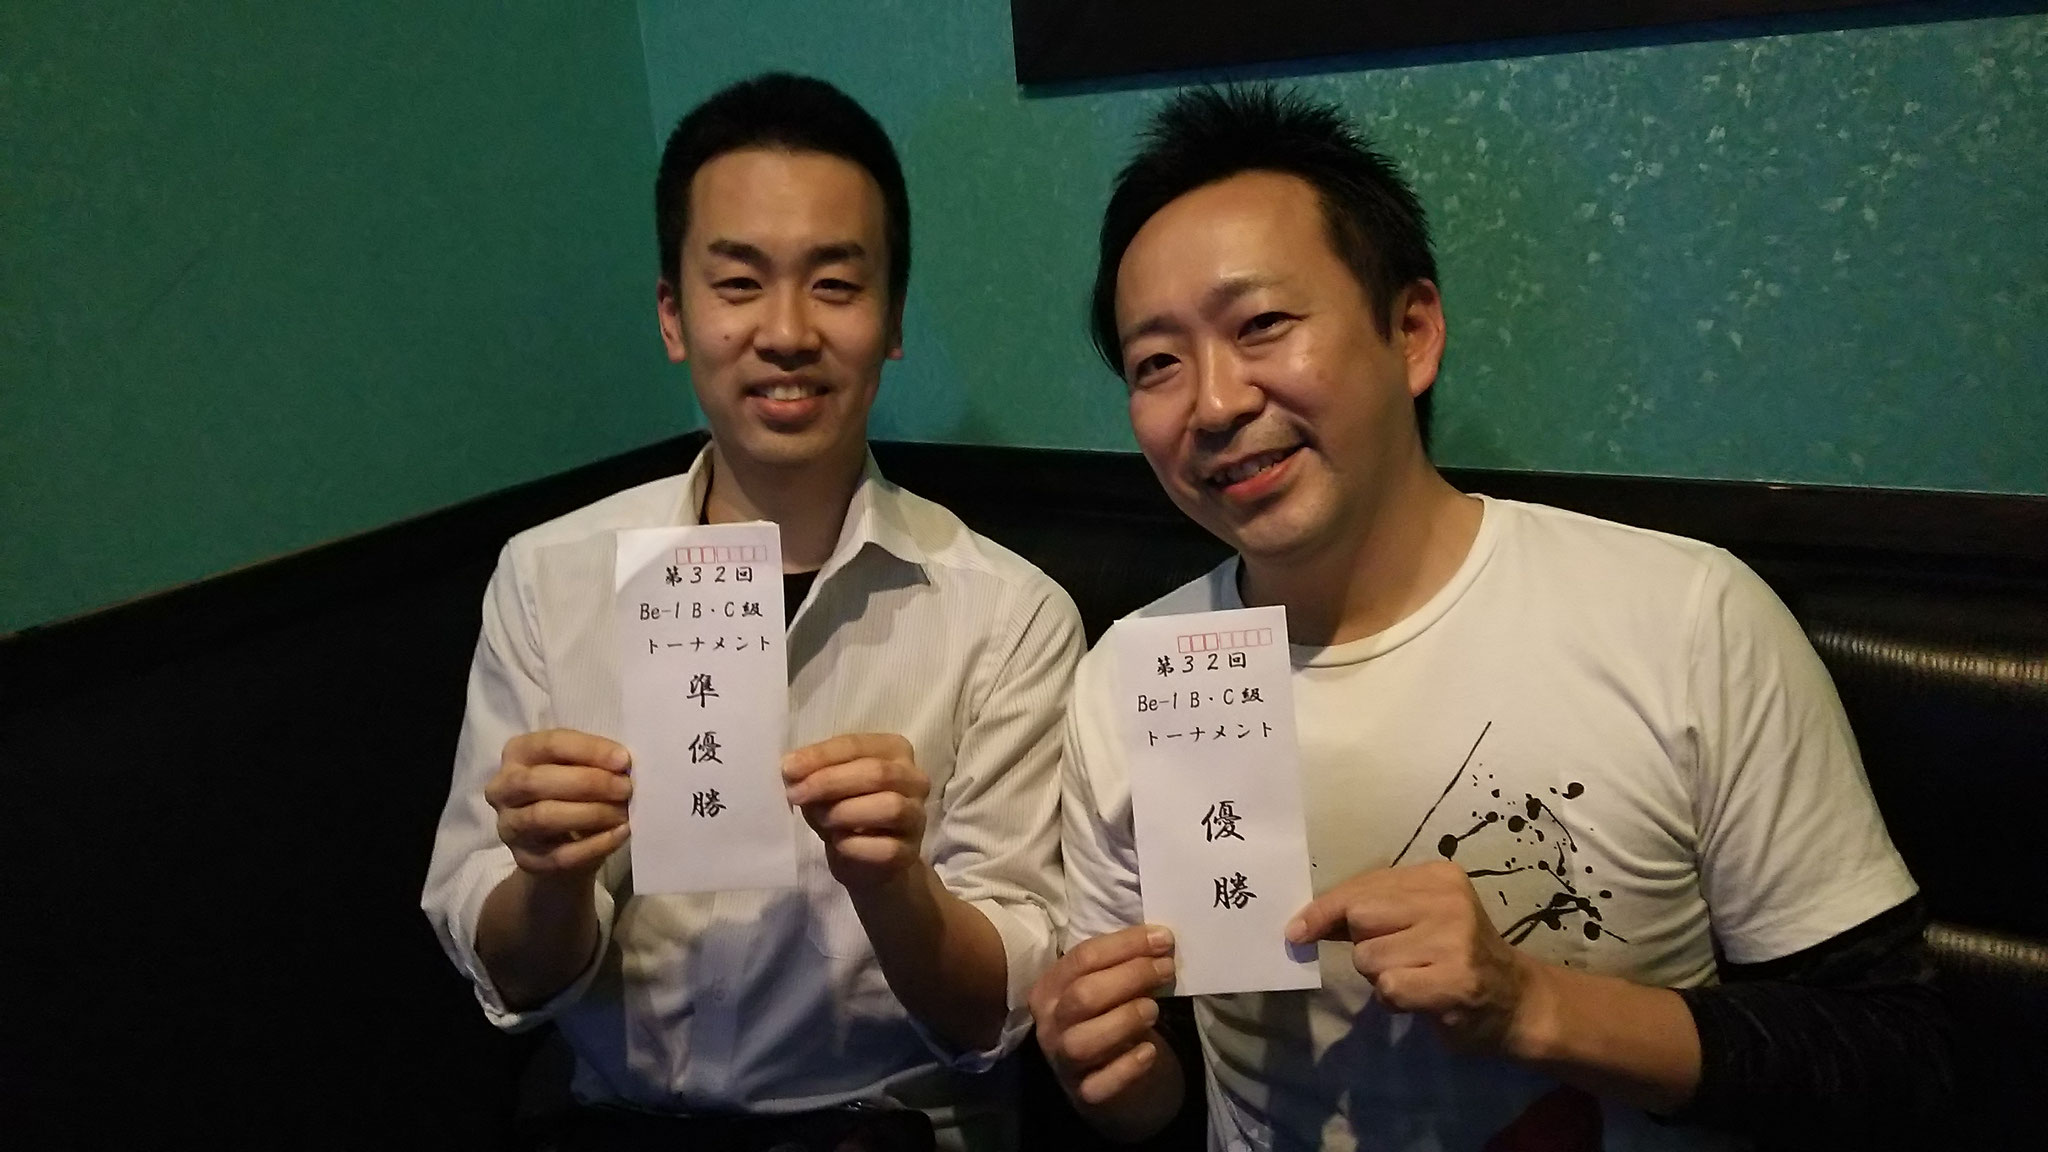 先日、Be-1のBCLでワンツーフィニッシュの藤本さんと和巻さん。